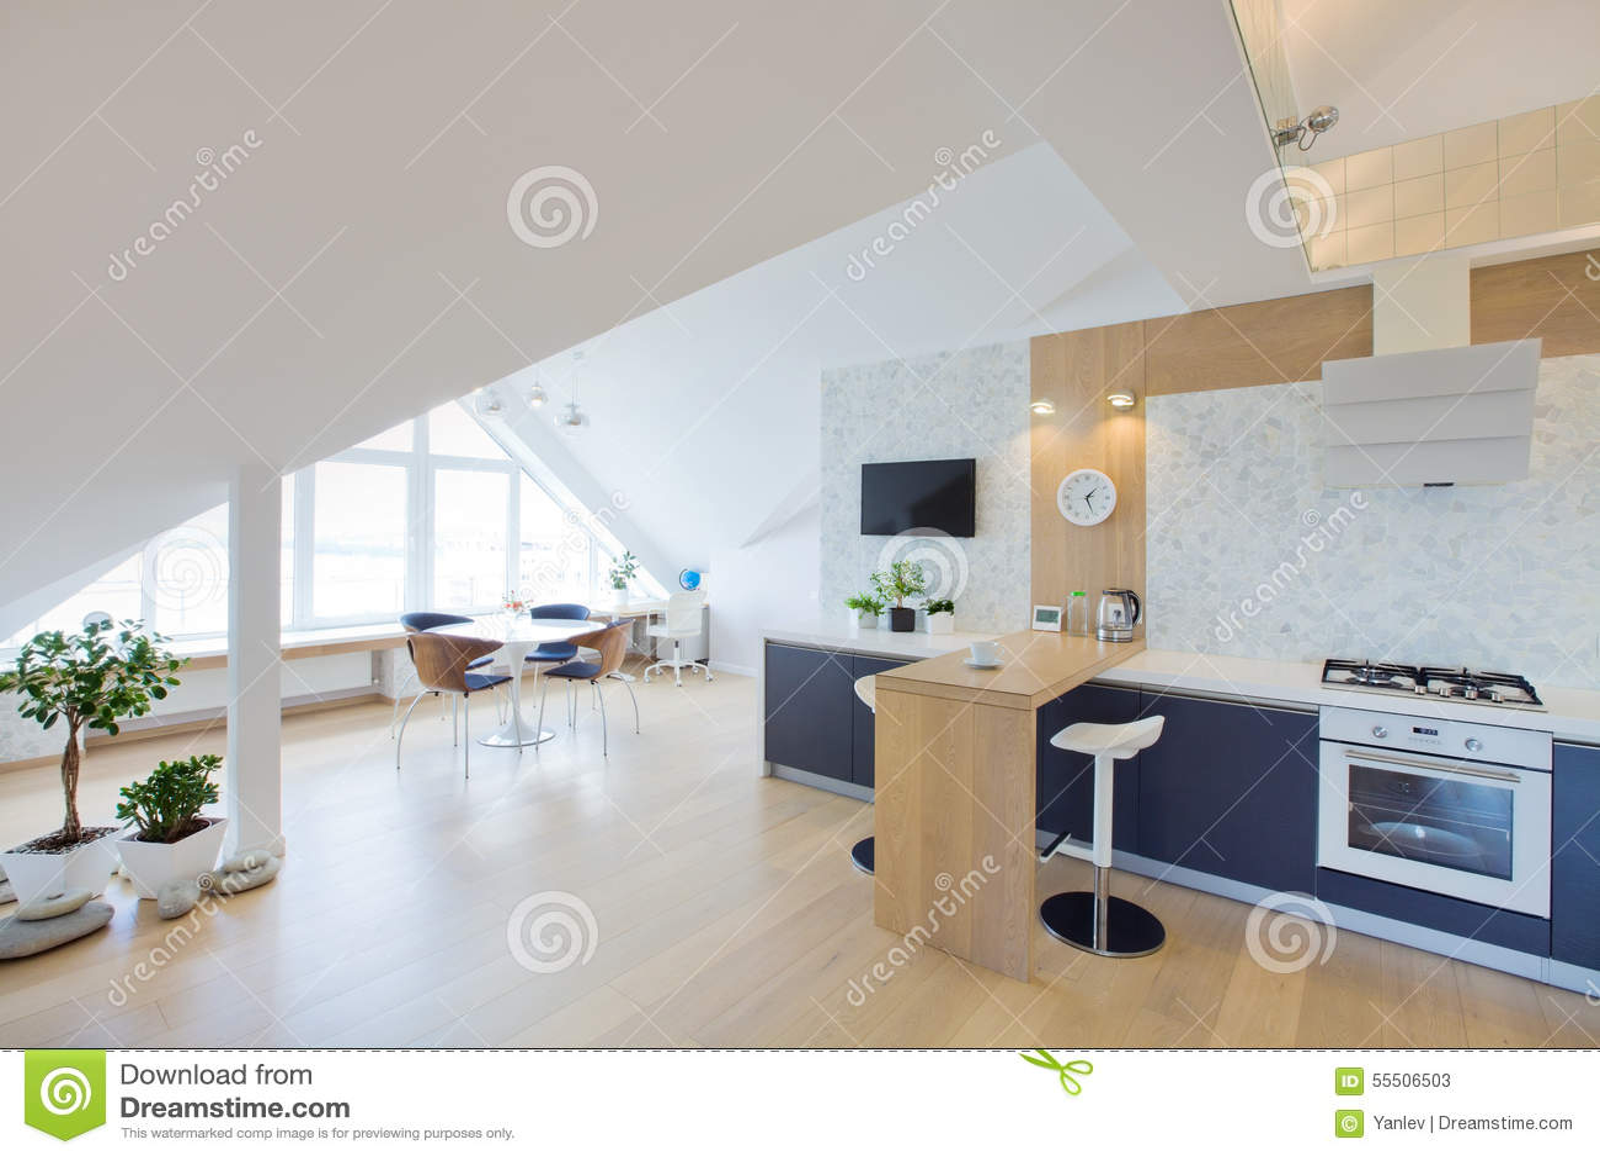 厨房 家居 起居室 设计 装修 1300_957图片